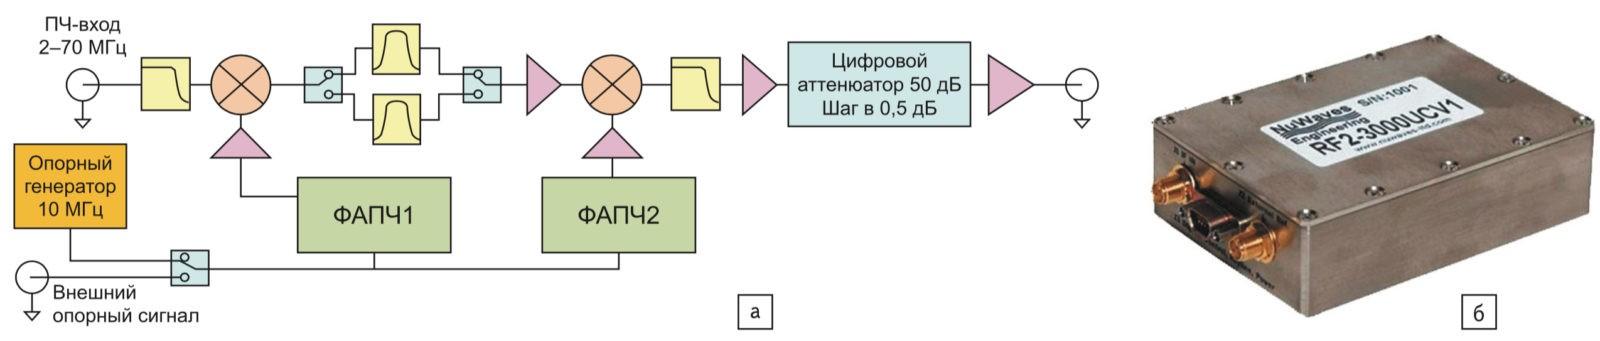 Многооктавный РЧ-преобразователь с повышением частоты (MORF) модели RF2-3000UCV1 компании NuWaves: а) структура; б) конструктивное выполнение